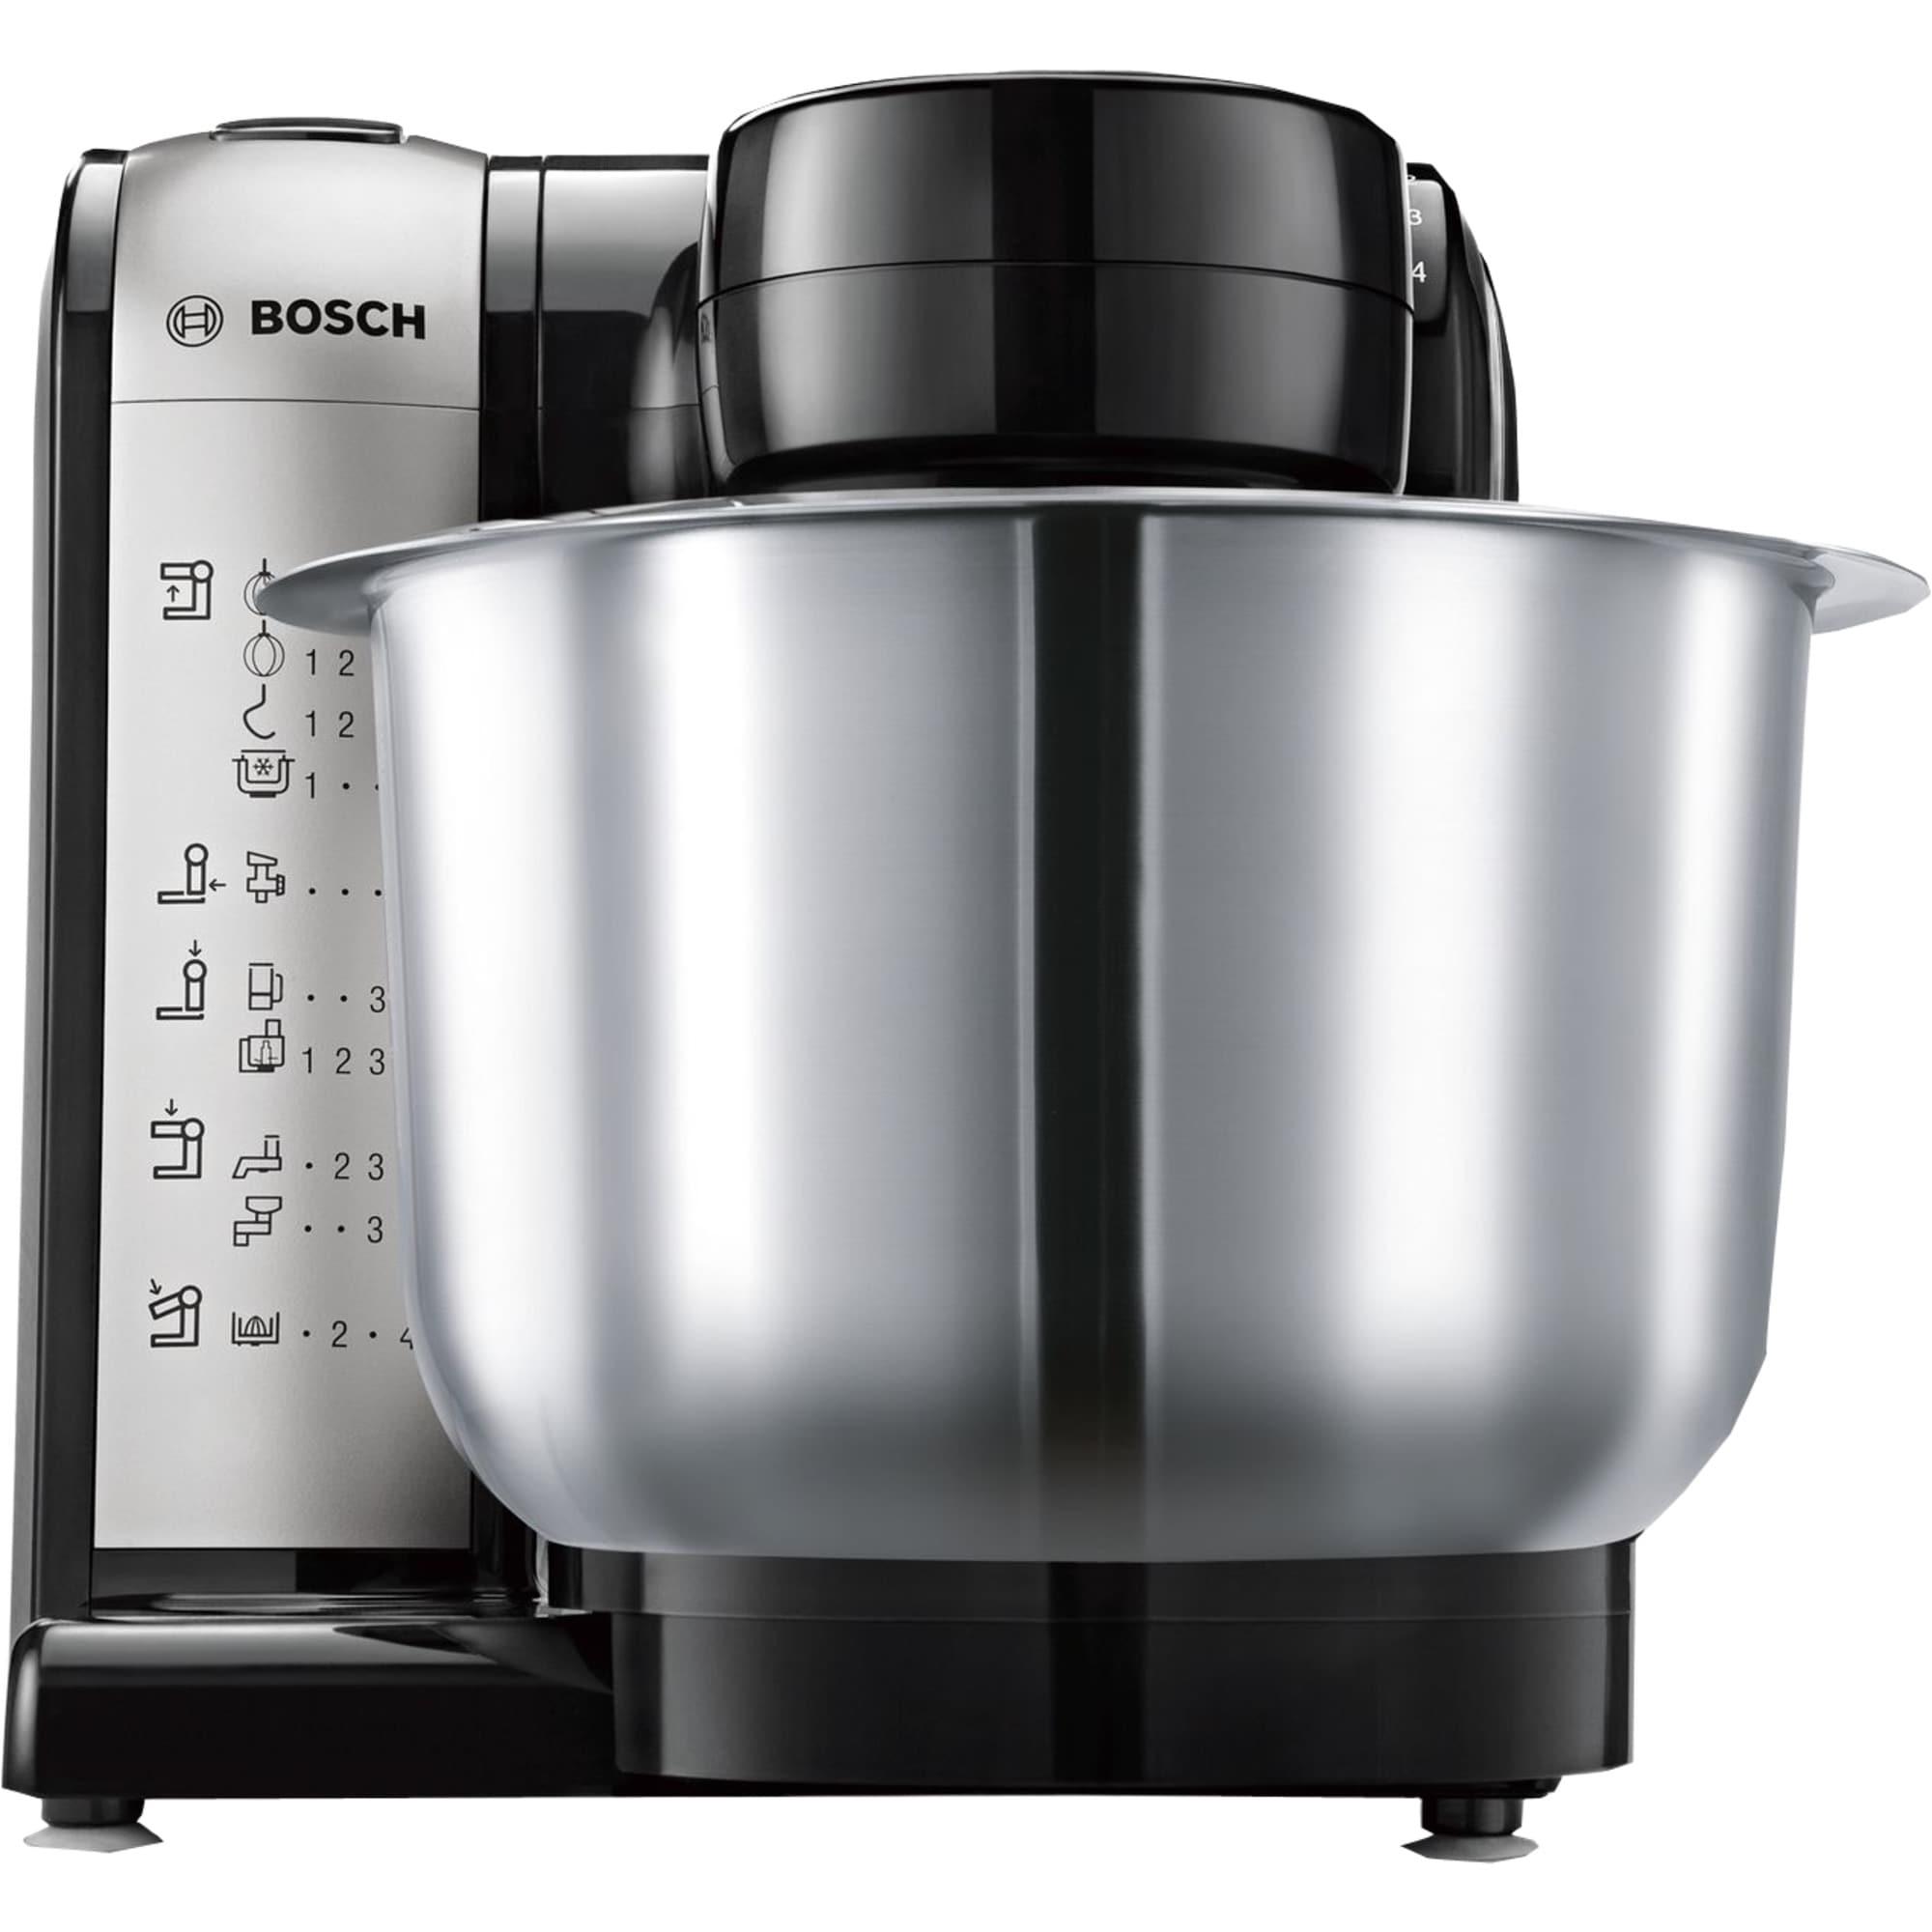 Bosch Küchenmaschine MUM48A1 grau-silber bei REWE online bestellen!